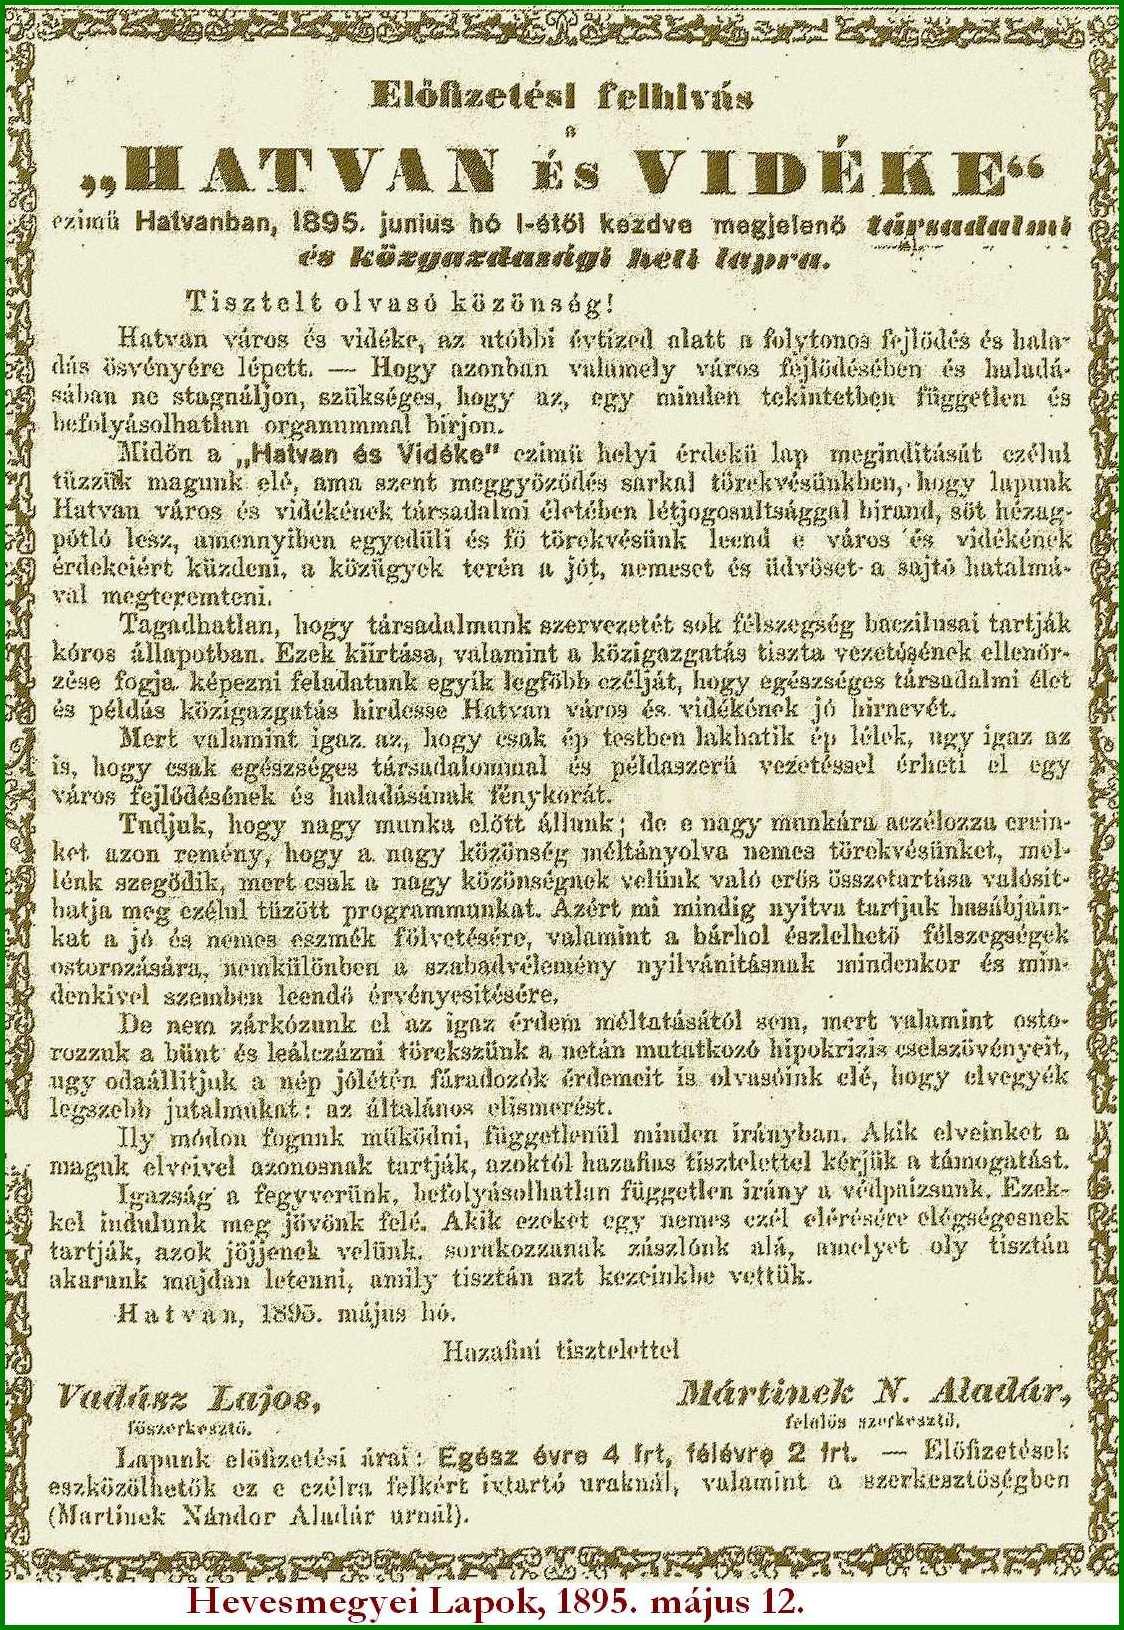 Hatvan és Vidéke hirdetés 1895 v2.jpg